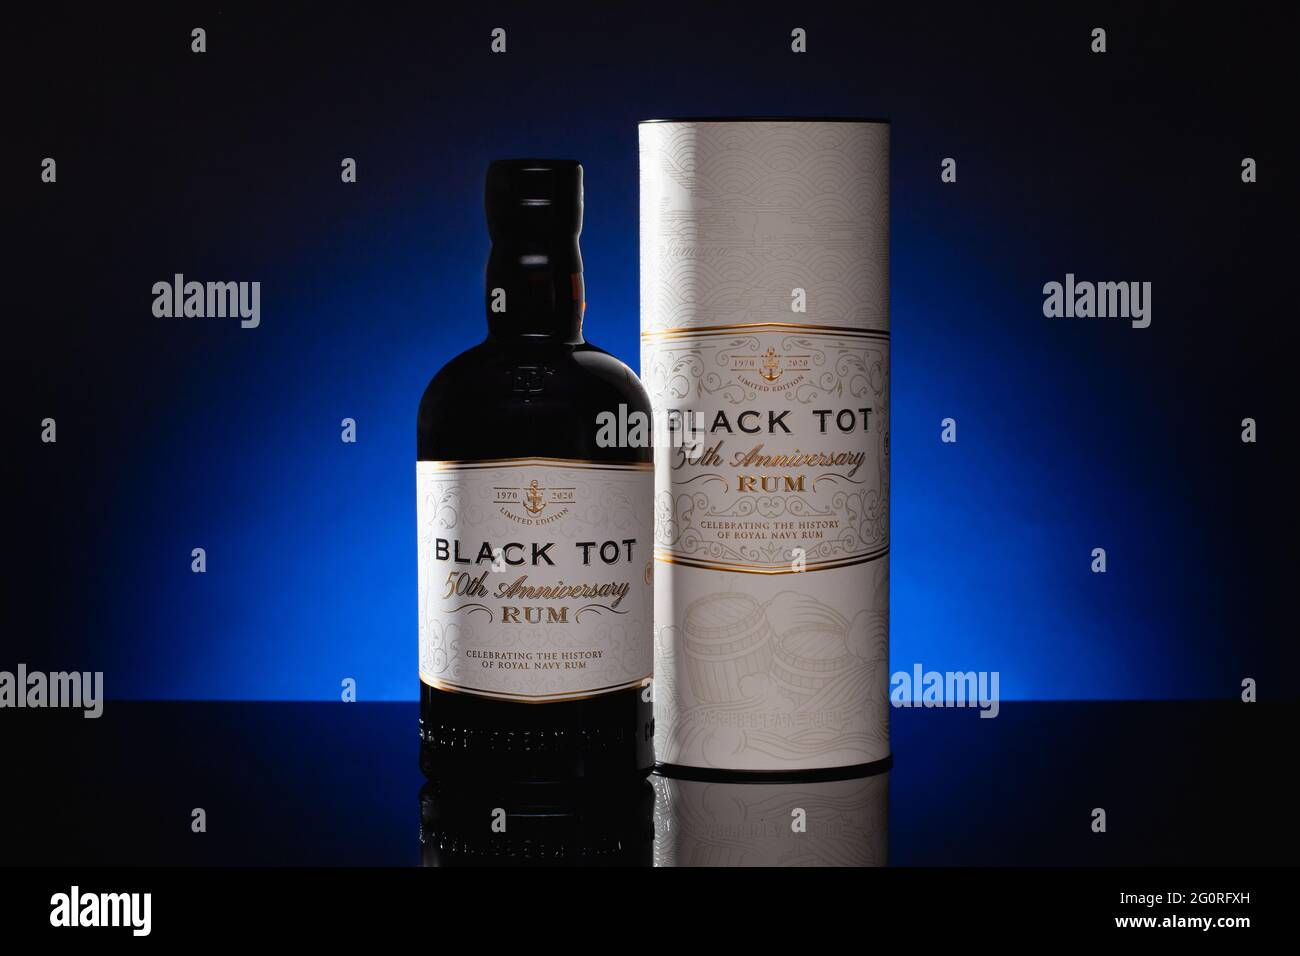 Praga, Repubblica Ceca - 18 Marzo, 2021: Black Tot 50 ° anniversario Rum su sfondo blu. Foto Stock